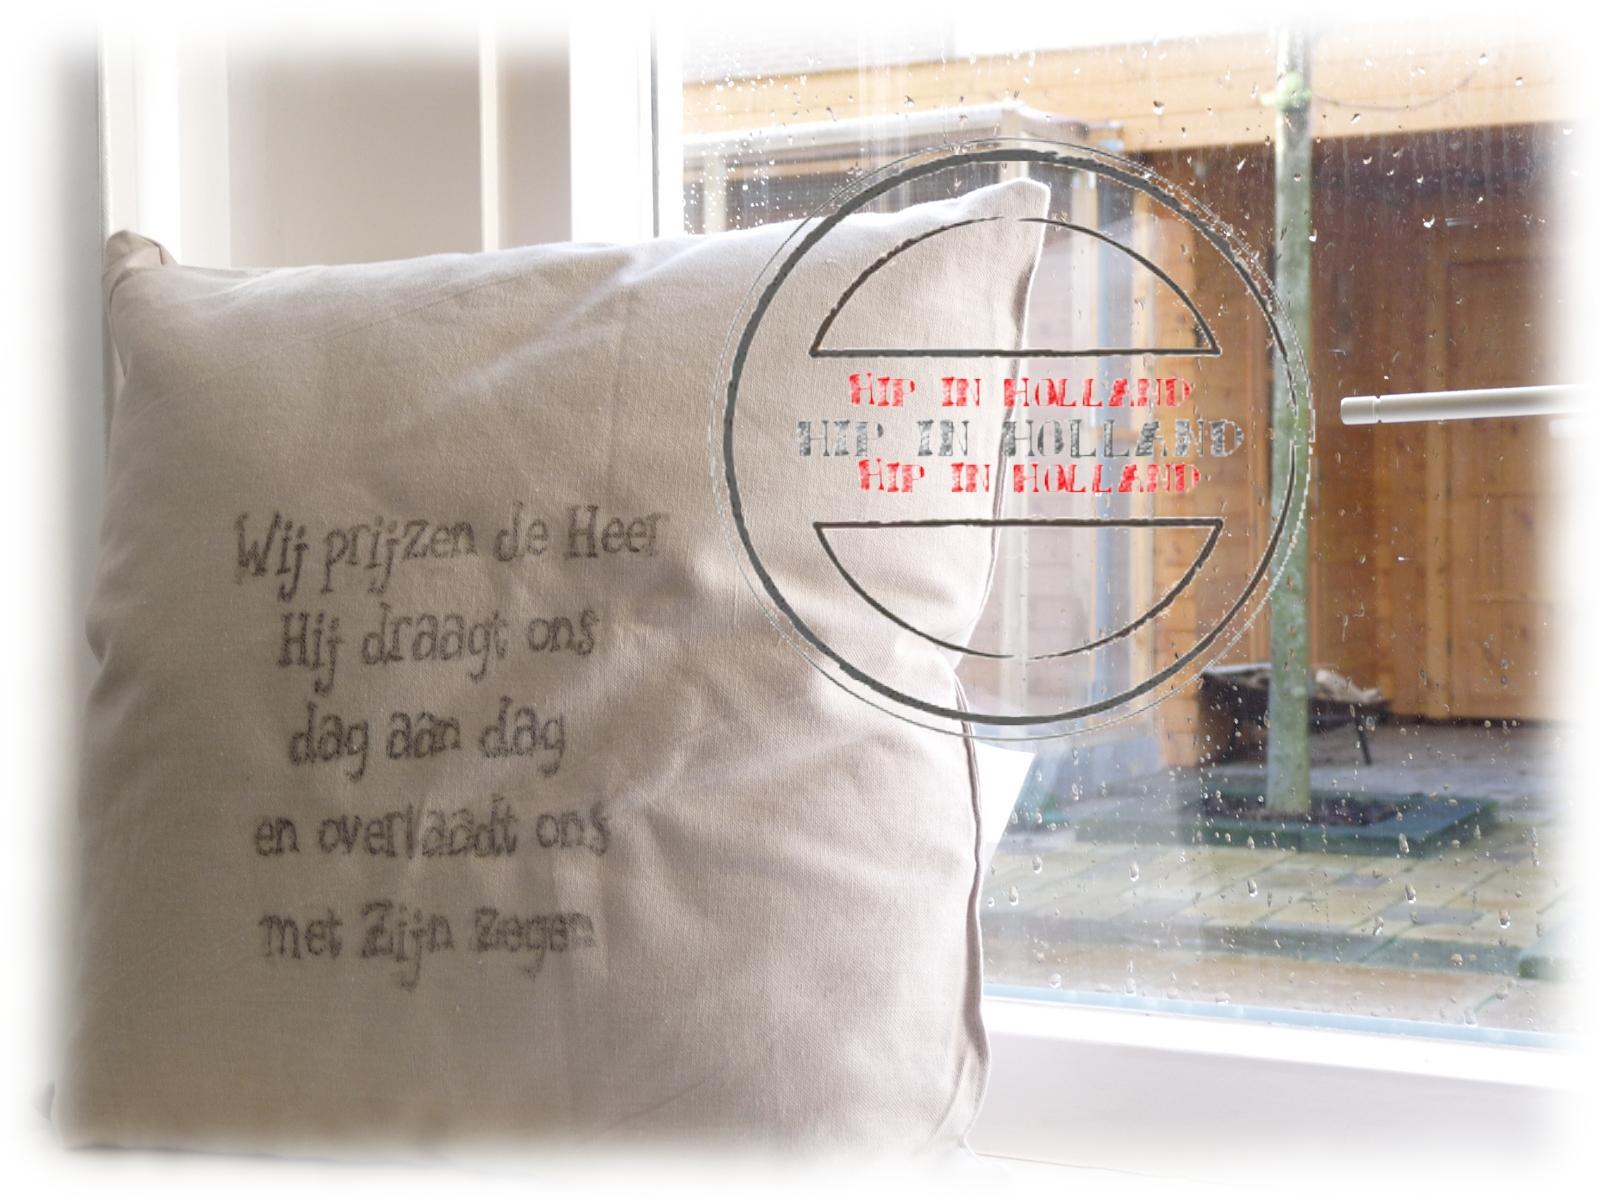 Hipinholland afdrukken van tekst op een linnen kussen